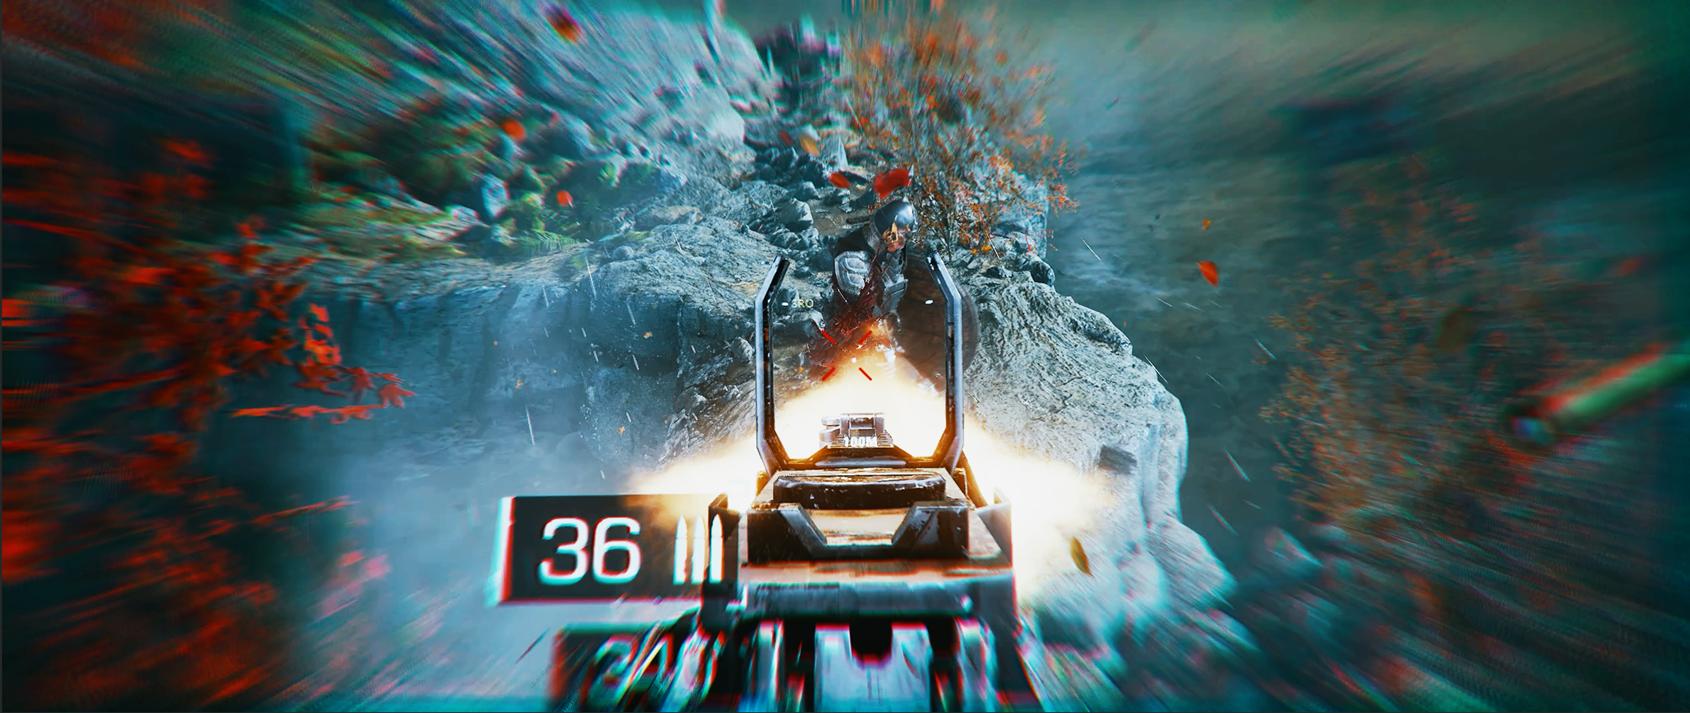 国产FPS《光明记忆:无限》3分钟实机演示 26日结束EA阶段